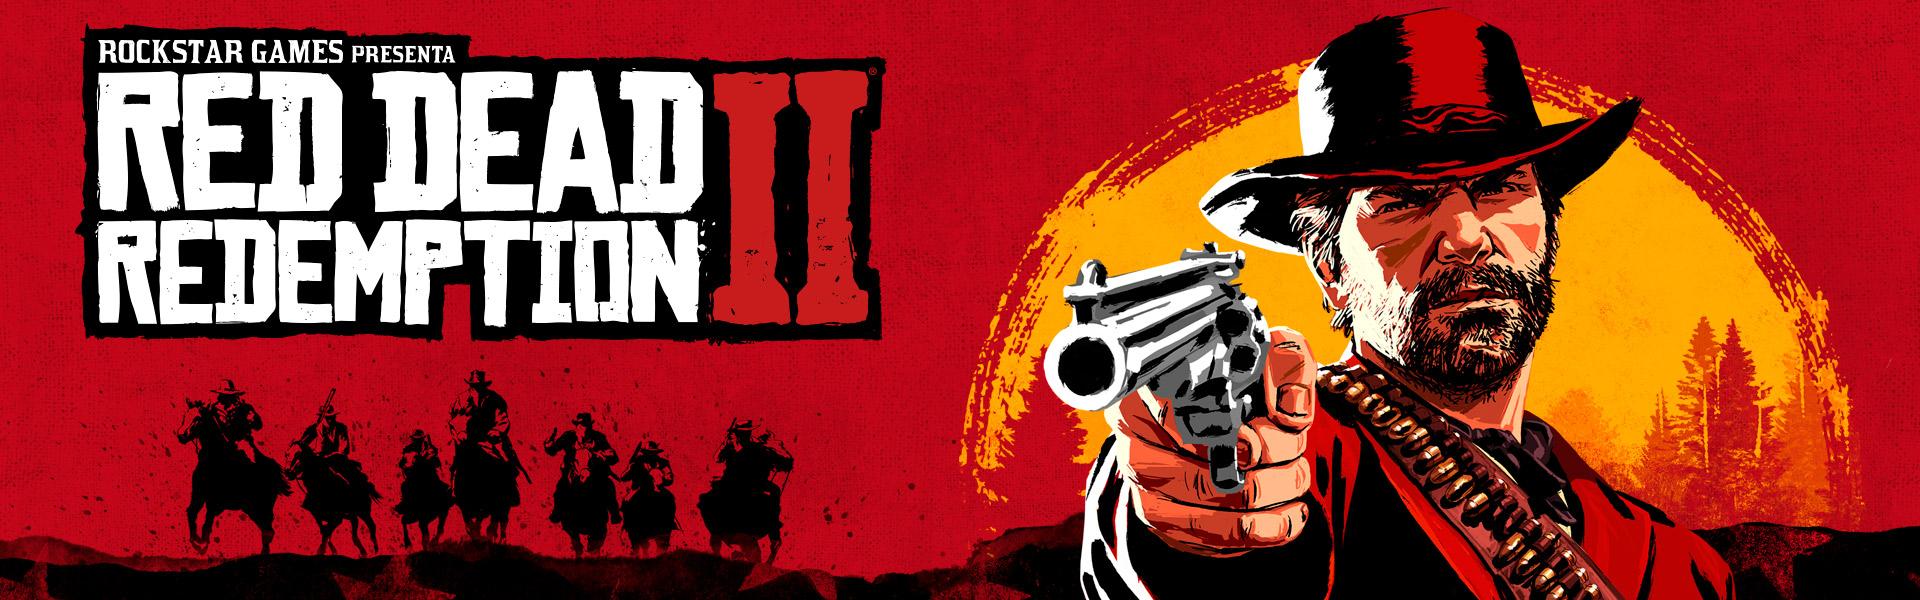 Rockstar Games presenta Red Dead Redemption 2, representación artística de Arthur Morgan que apunta una pistola hacia arriba, con una puesta de sol detrás